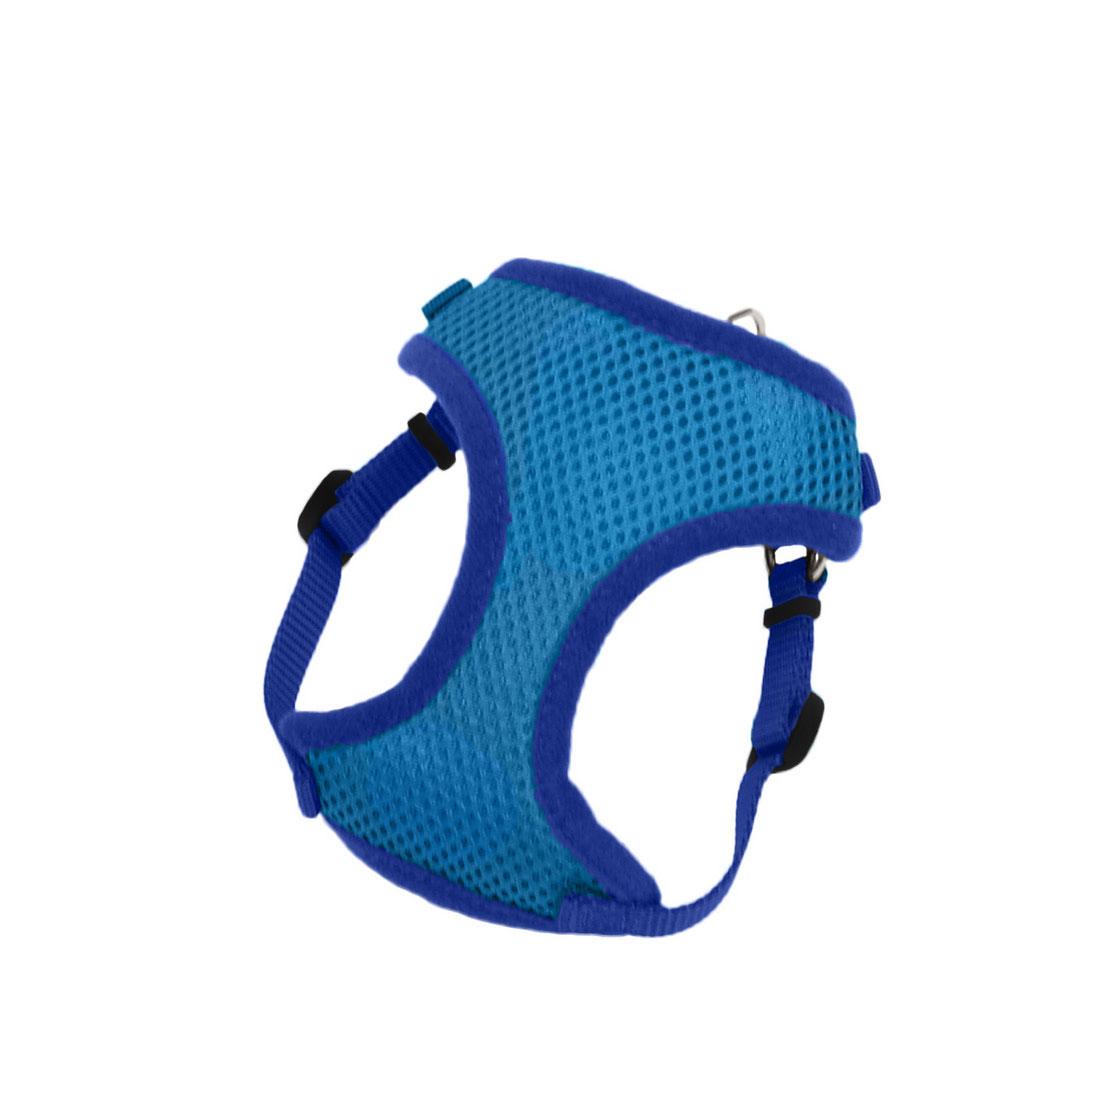 Coastal Comfort Soft Wrap Adjustable Dog Harness, Blue Image